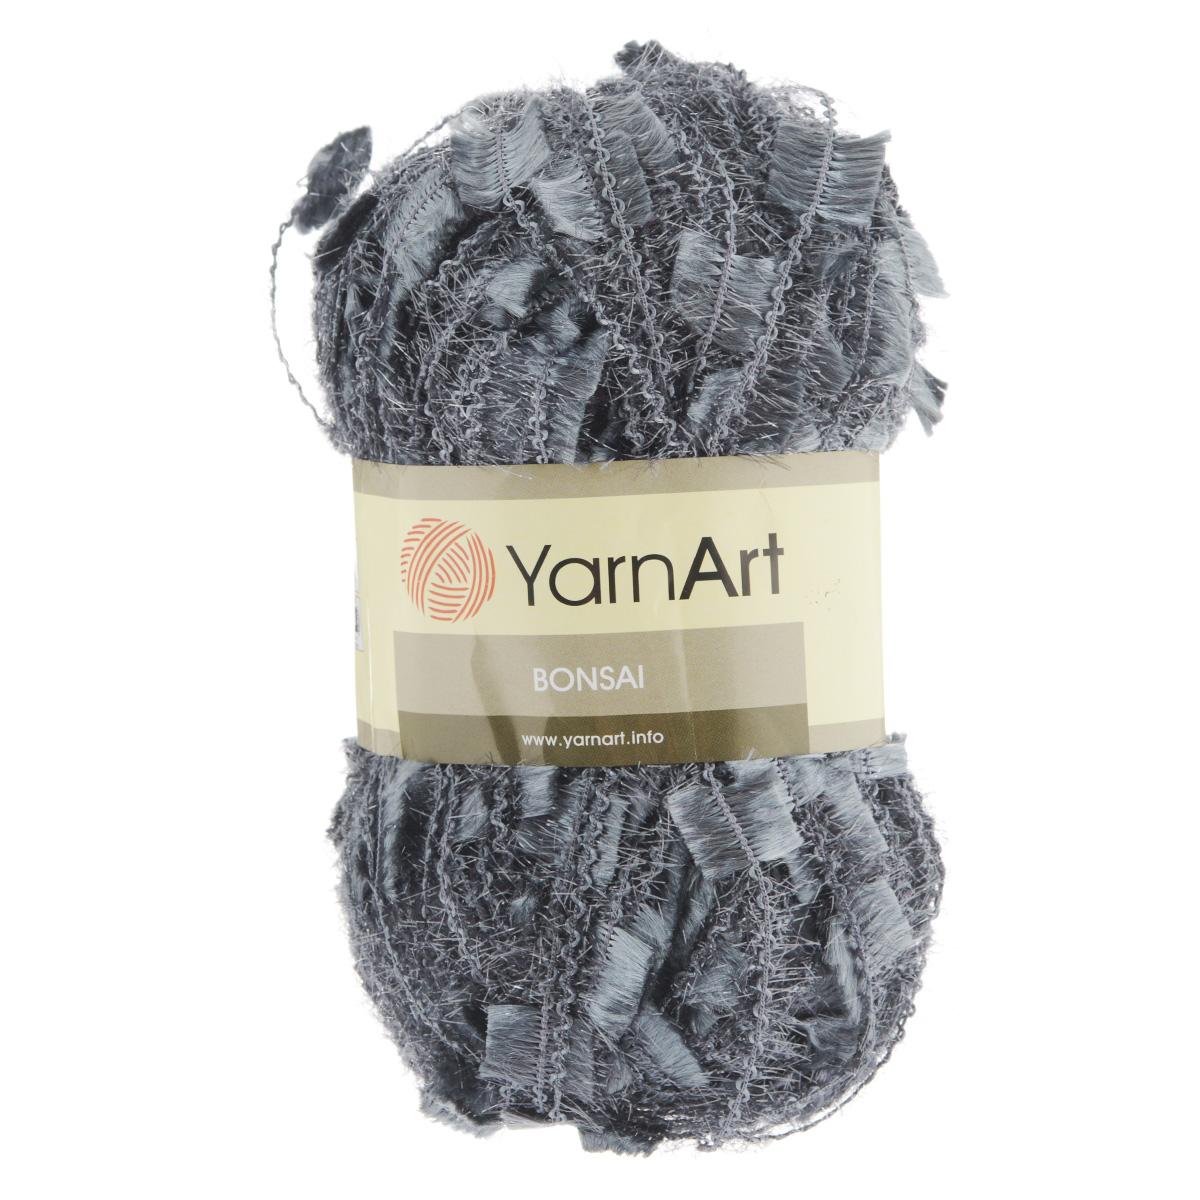 Пряжа для вязания YarnArt Bonsai, цвет: серый (406), 100 м, 100 г, 5 шт372075_406Фантазийная пряжа для вязания YarnArt Bonsai яркая и оригинальная. Из такой пряжи можно вязать изделие целиком или использовать для отделки. В основном вяжут из таких ниток нарядные вещи - болеро, блузки, топики, платья, юбки, пуловеры и т. д. В настоящее время вязание плотно вошло в нашу жизнь, причем не столько в виде привычных свитеров, сколько в виде оригинальных, изящных моделей из самой разнообразной пряжи. Поэтому так важно подобрать именно ту пряжу, которая позволит вам связать даже самую сложную и необычную модель изделия. Комплектация: 5 мотков. Состав: 100% полиамид. Рекомендована ручная стирка до 30°C. Рекомендованные спицы 8 мм, крючок 9 мм.